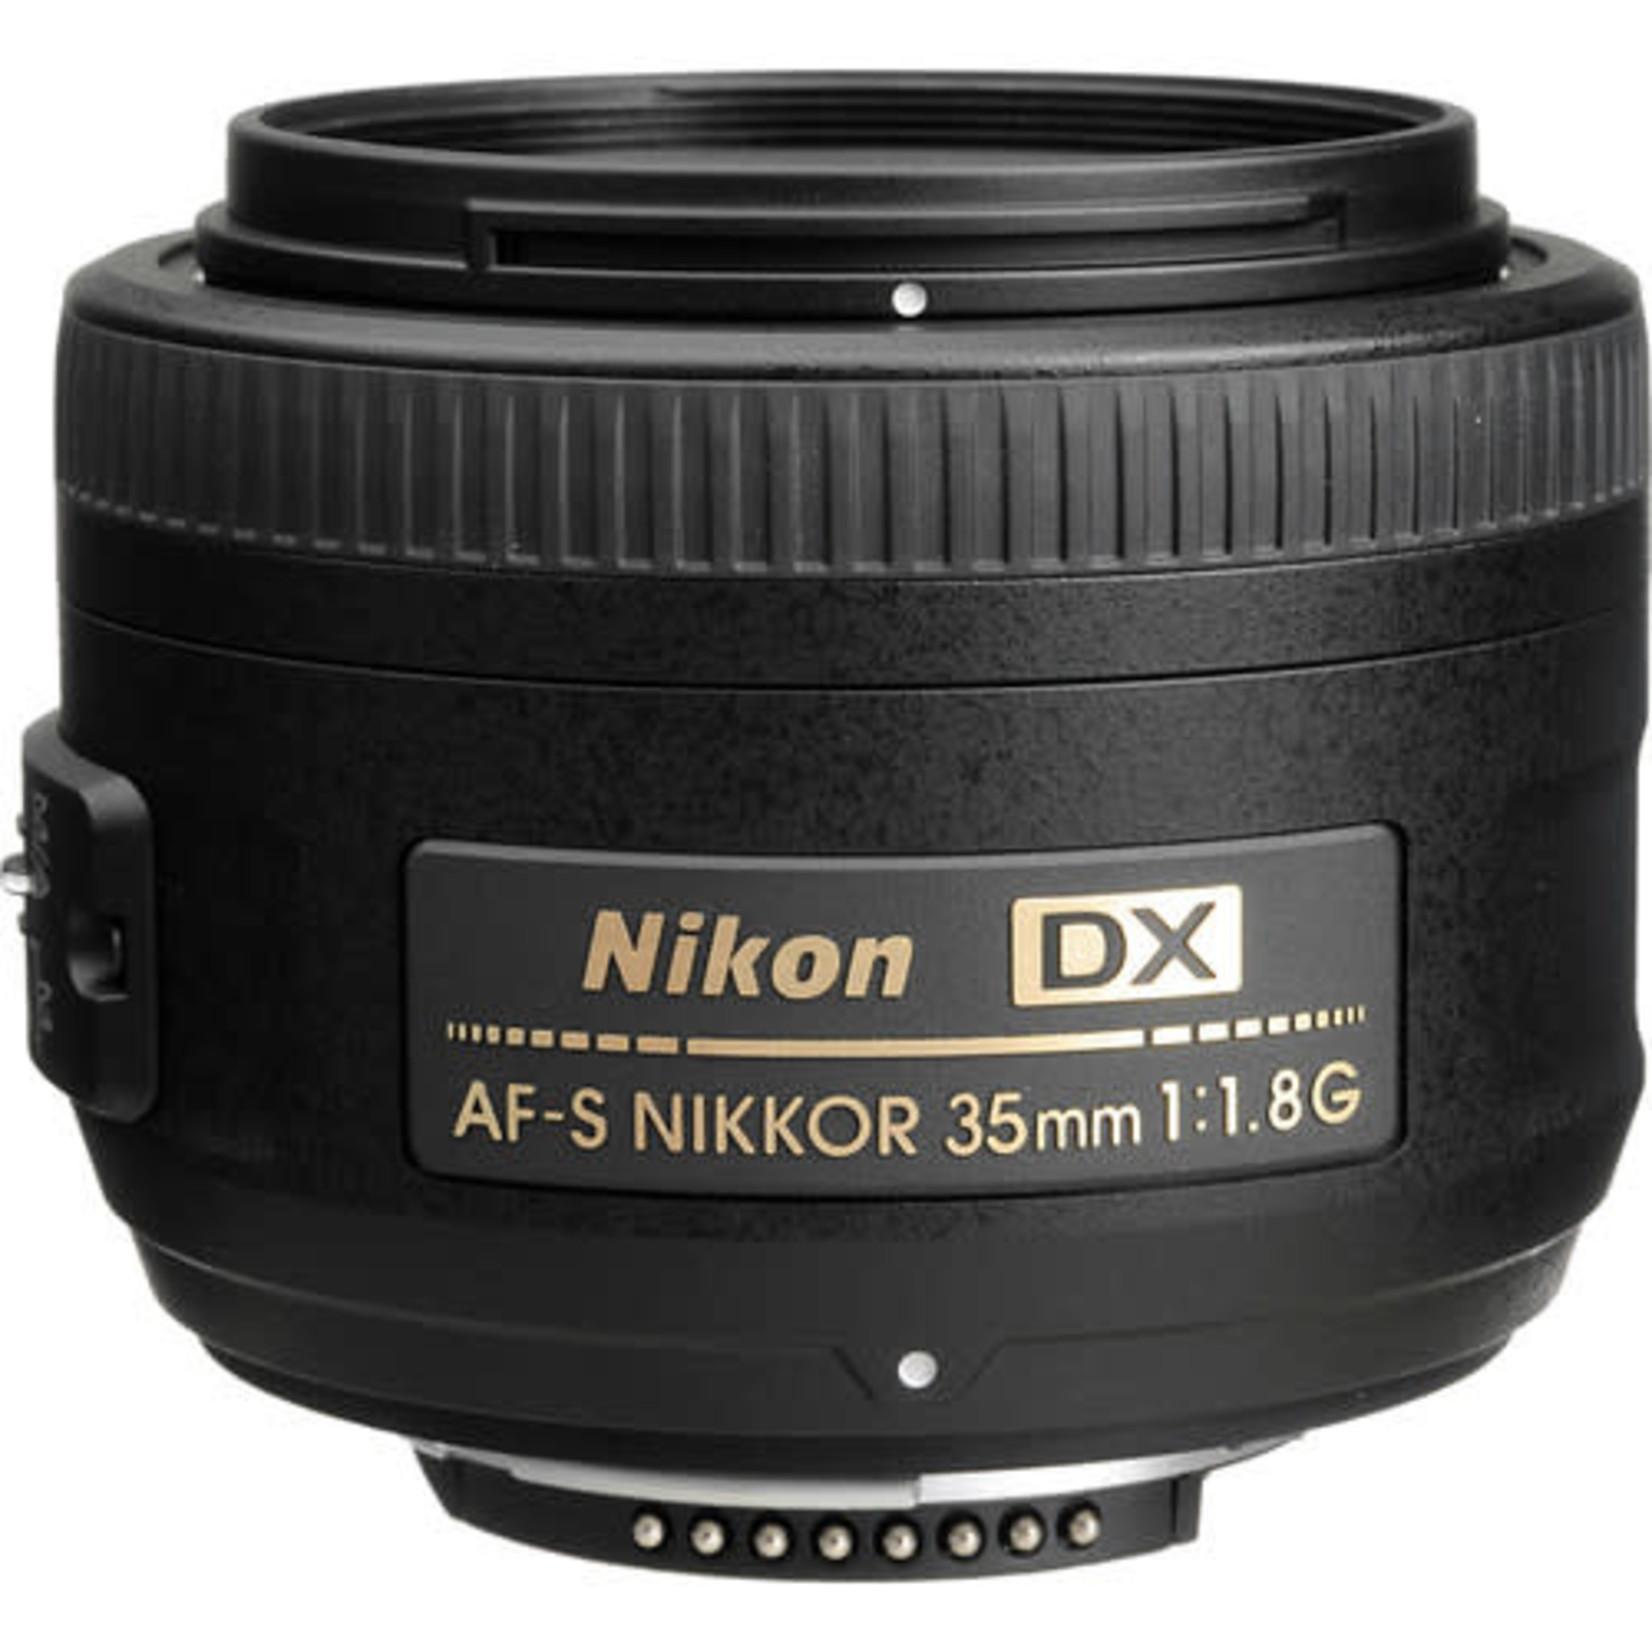 Nikon Nikon AF-S DX NIKKOR 35mm f/1.8G Lens